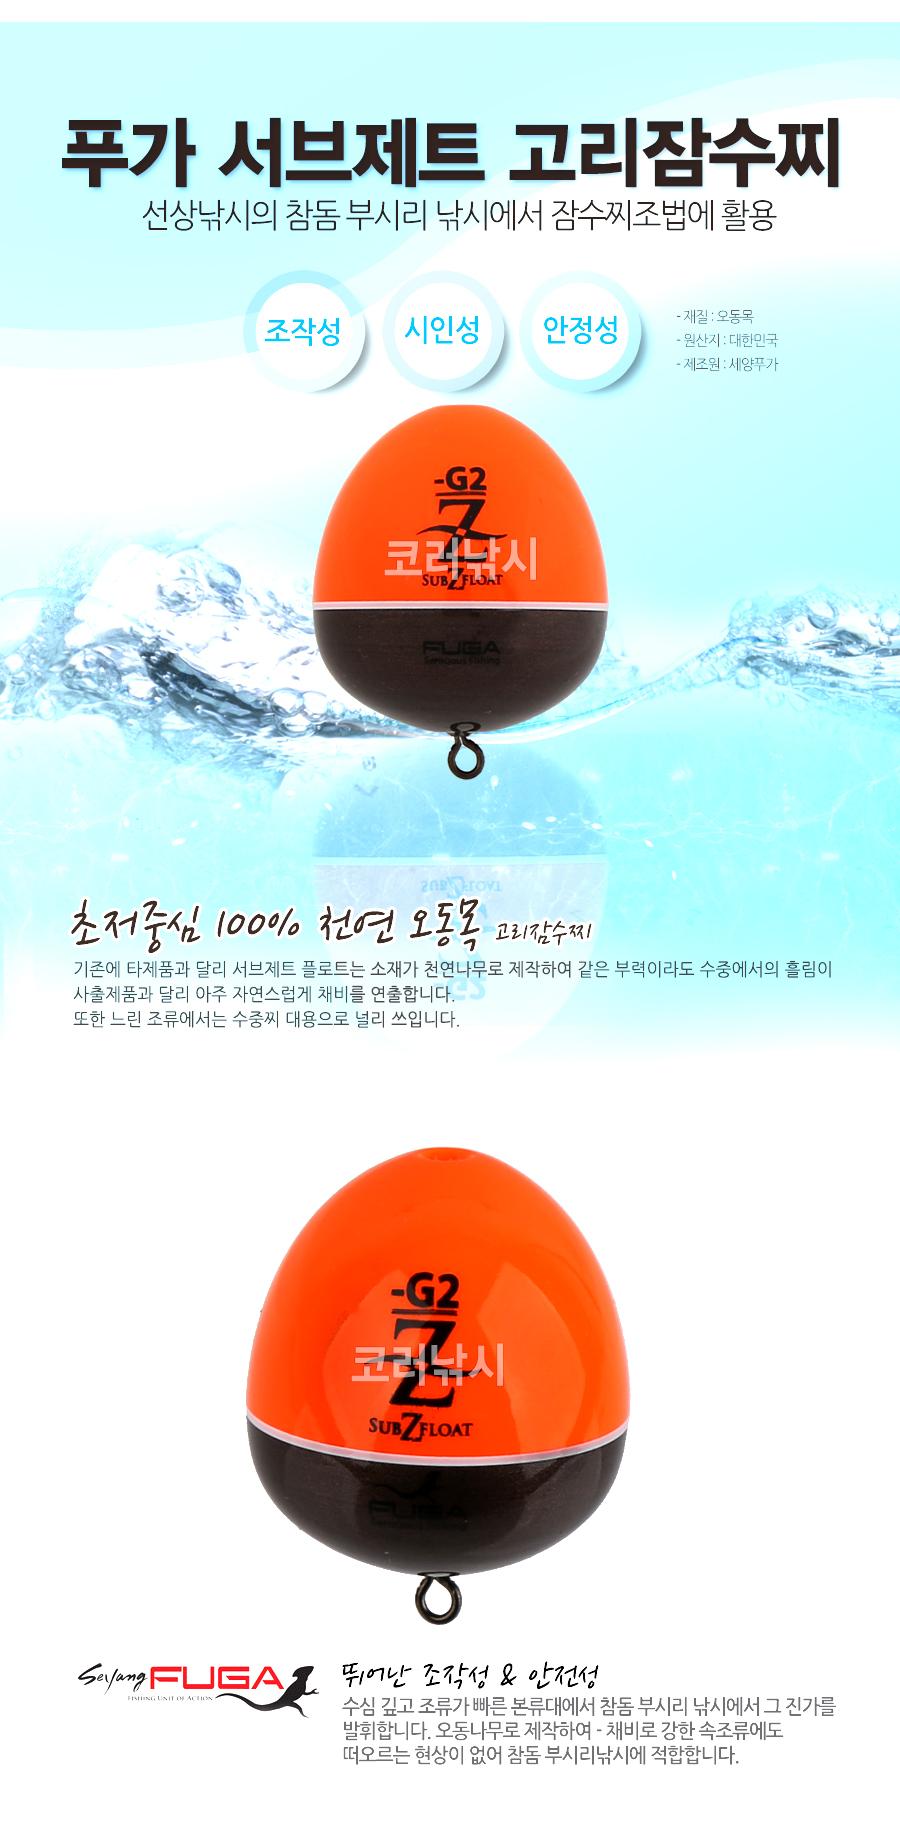 푸가 서브제트 [고리잠수찌] (오동목)